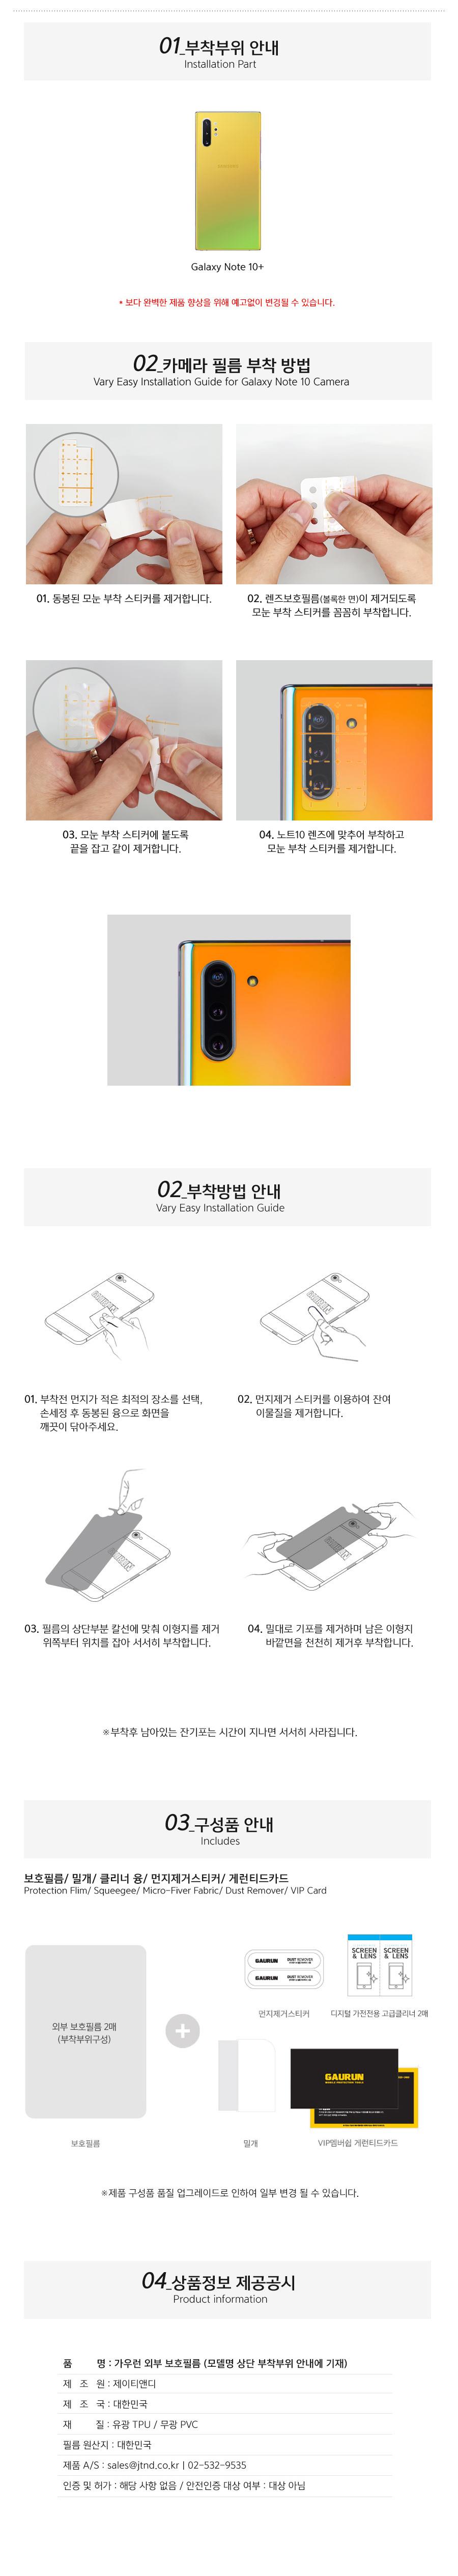 갤럭시 노트10 플러스 유광후면 외부보호필름 2매 - 가우런, 9,900원, 필름/스킨, 갤럭시 노트10